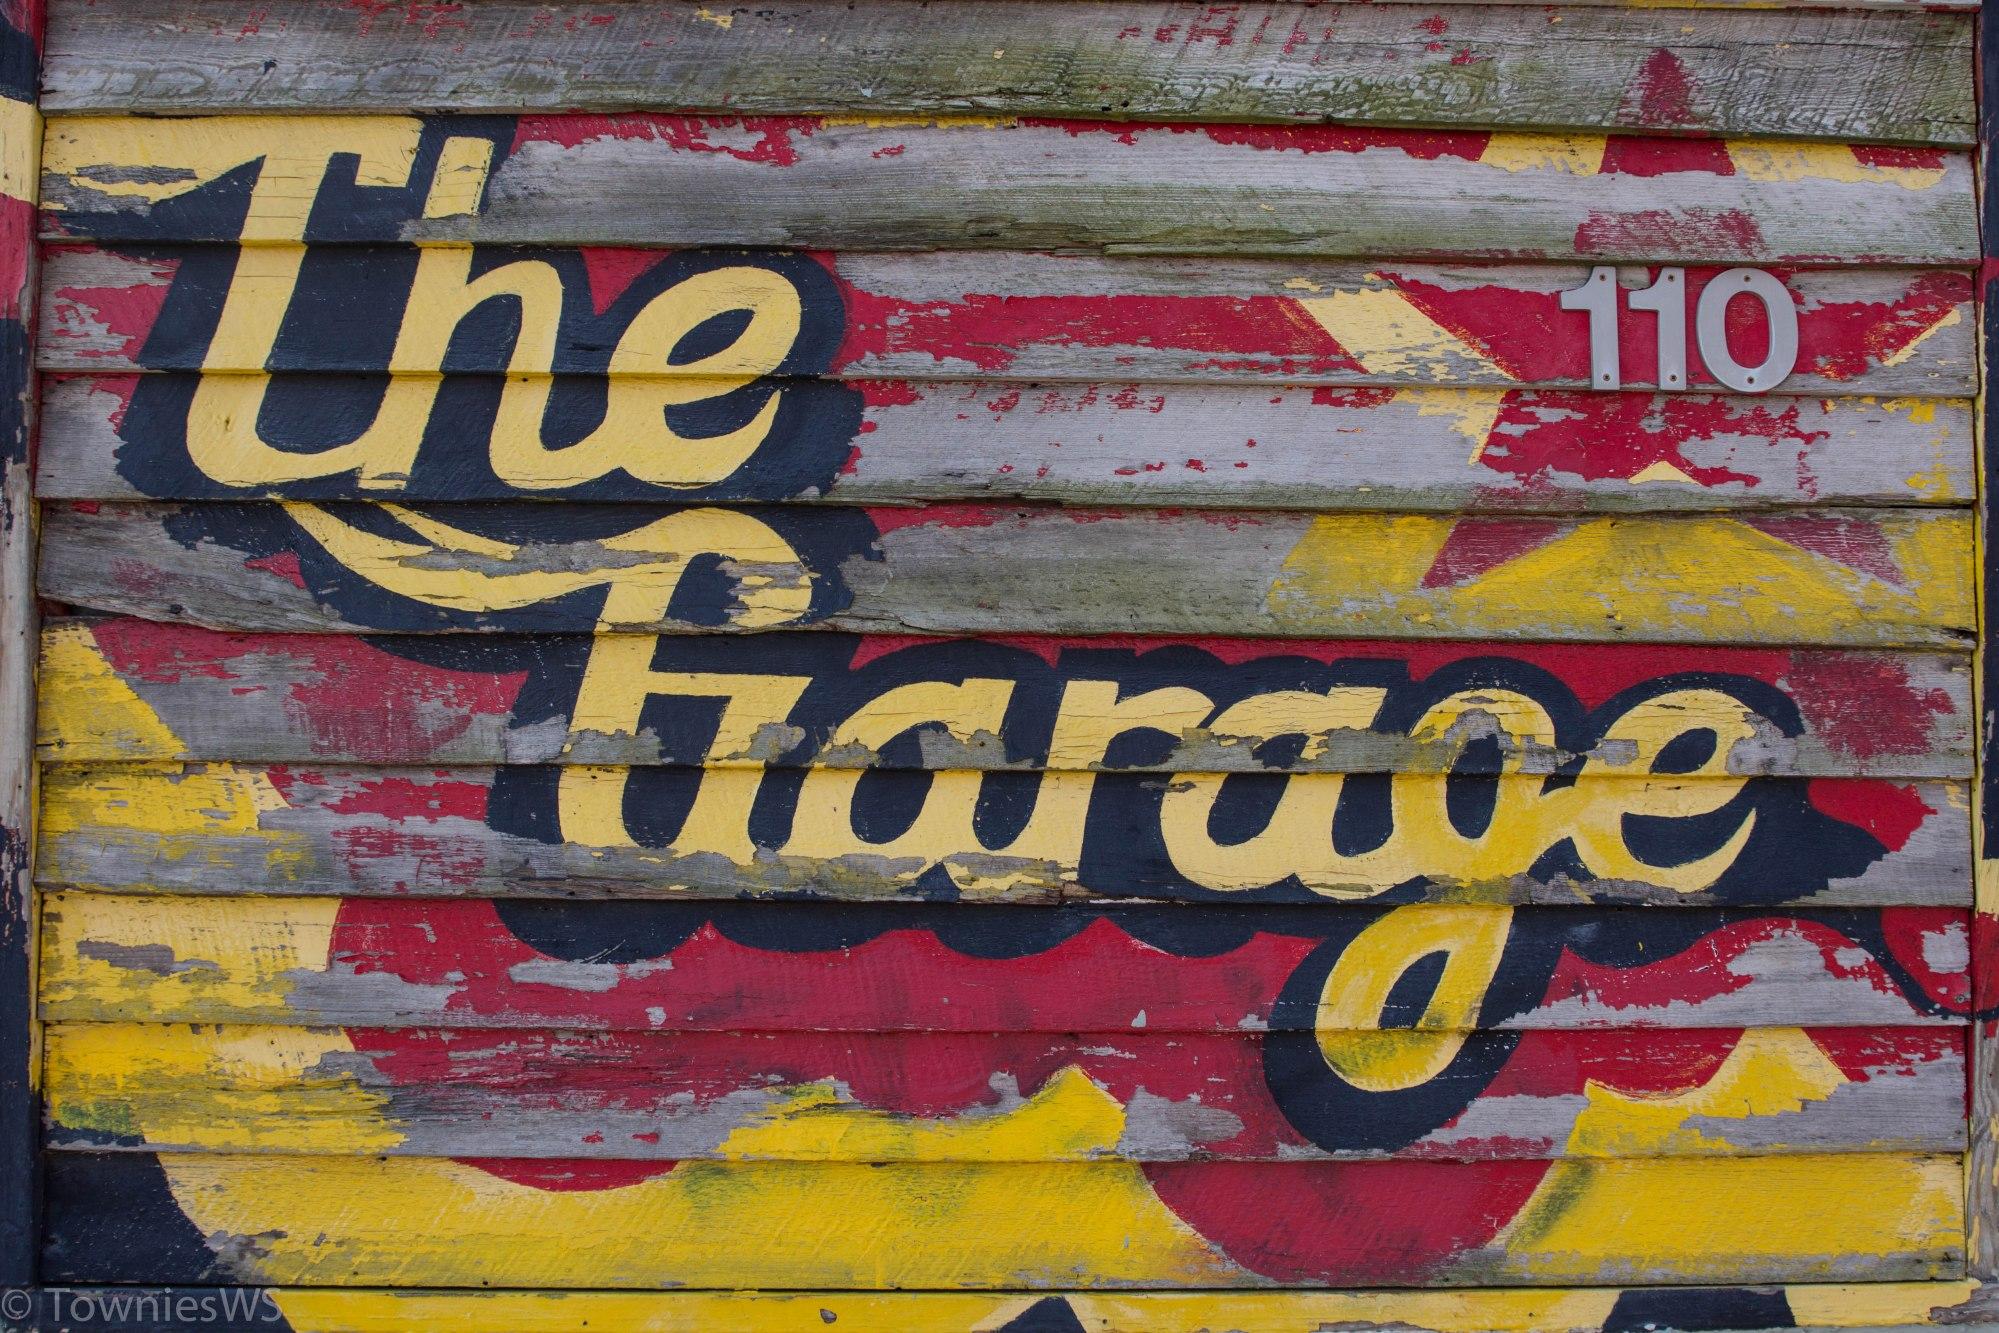 TheGarage_WinstonSalem_TowniesWS